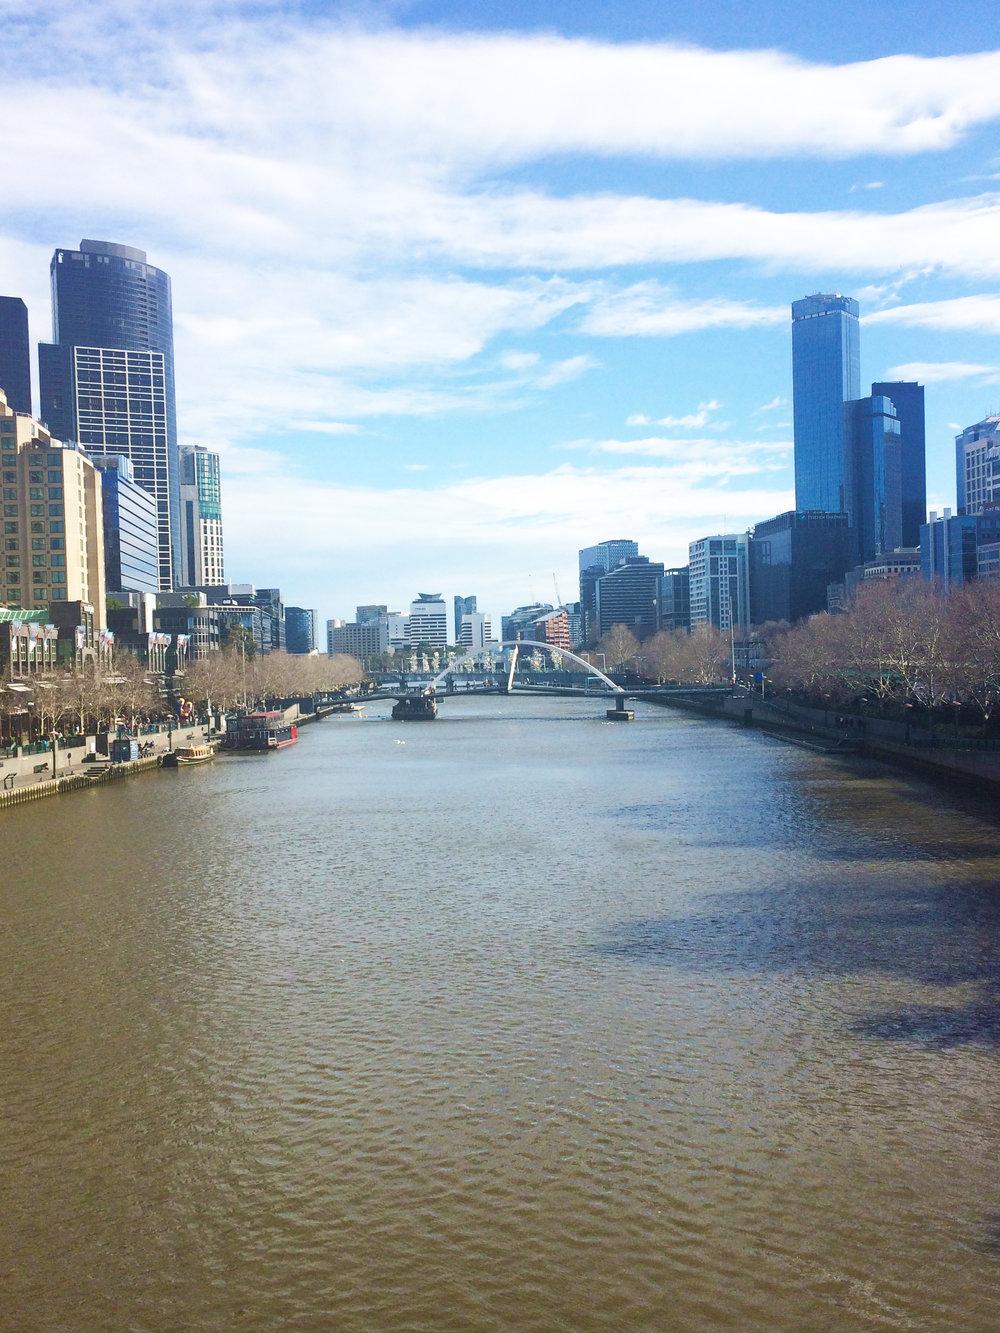 melbourne_yarra river.JPG